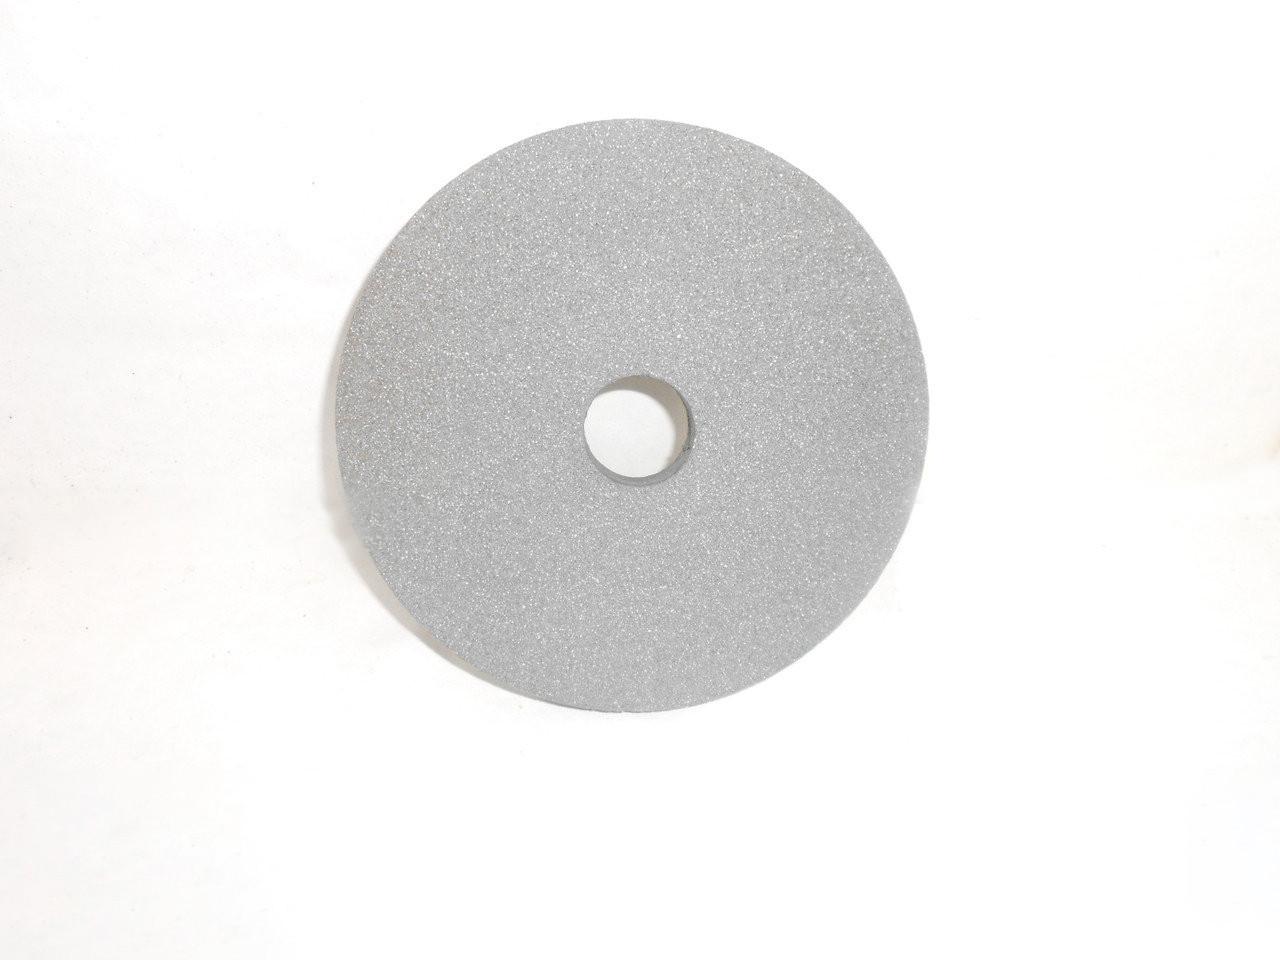 Круг шлифовальный 14А ПП 150х8х32  16-40 СМ-СТ